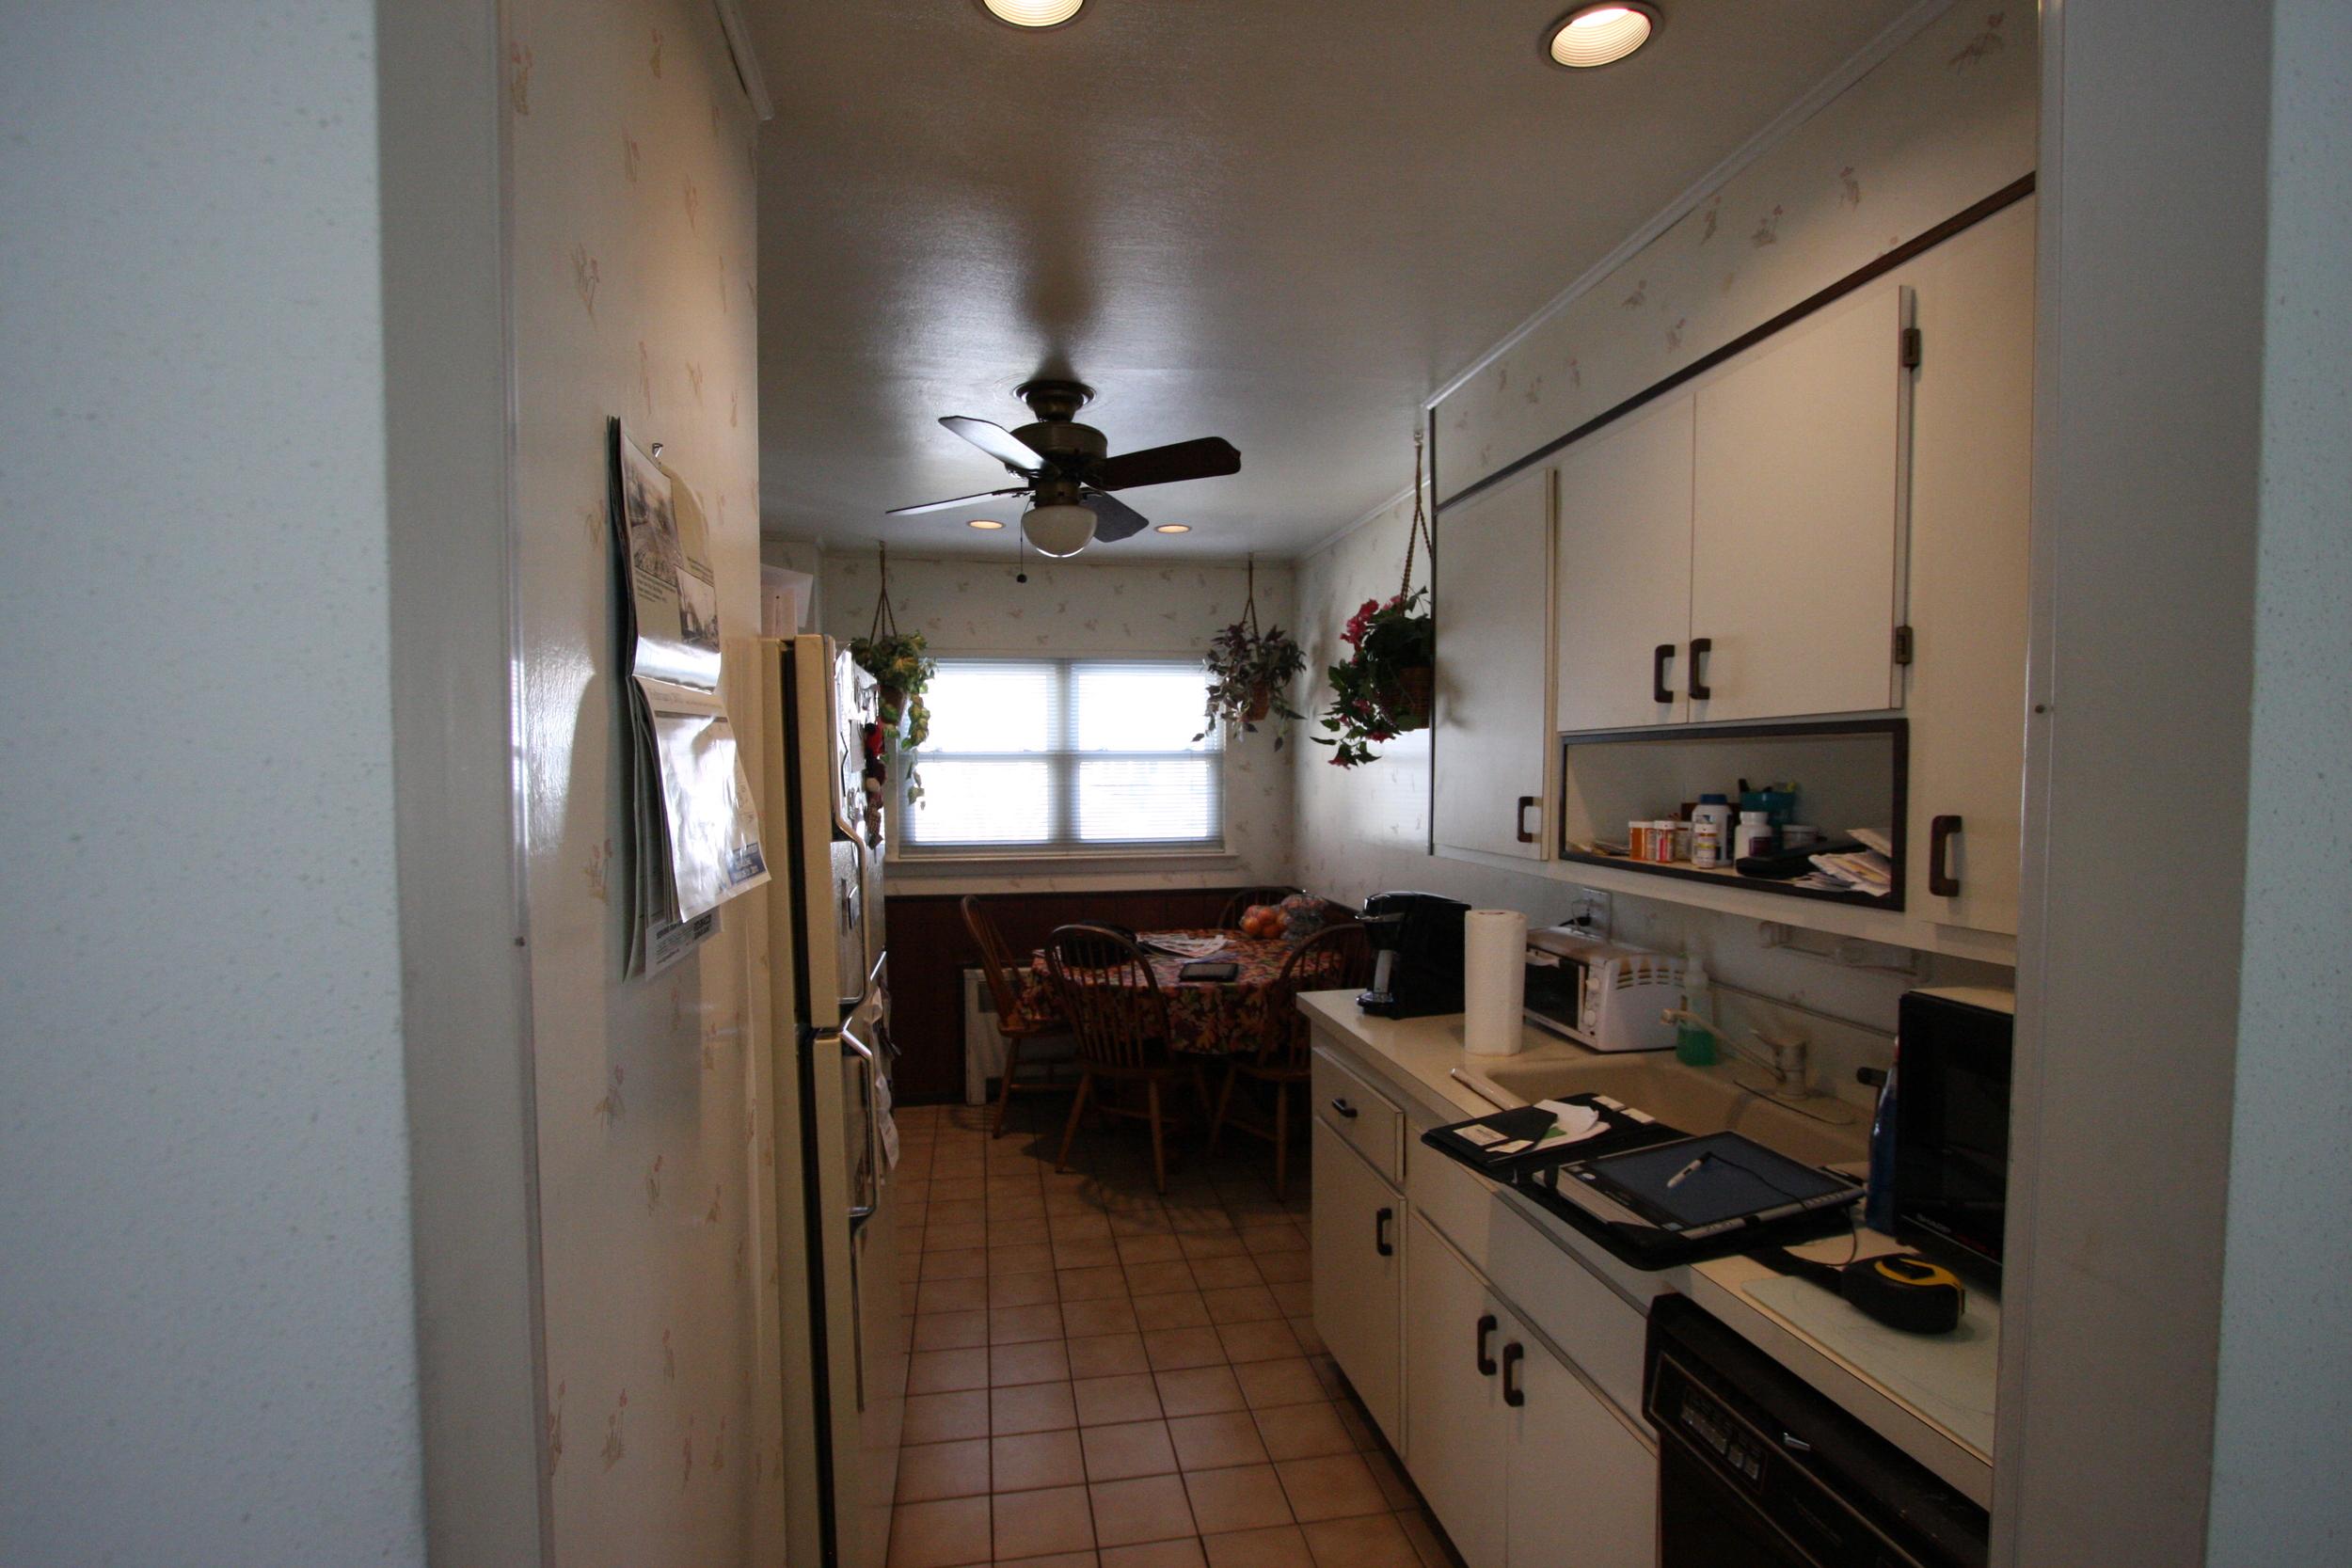 Masterson kitchen 2-17-11 029.jpg